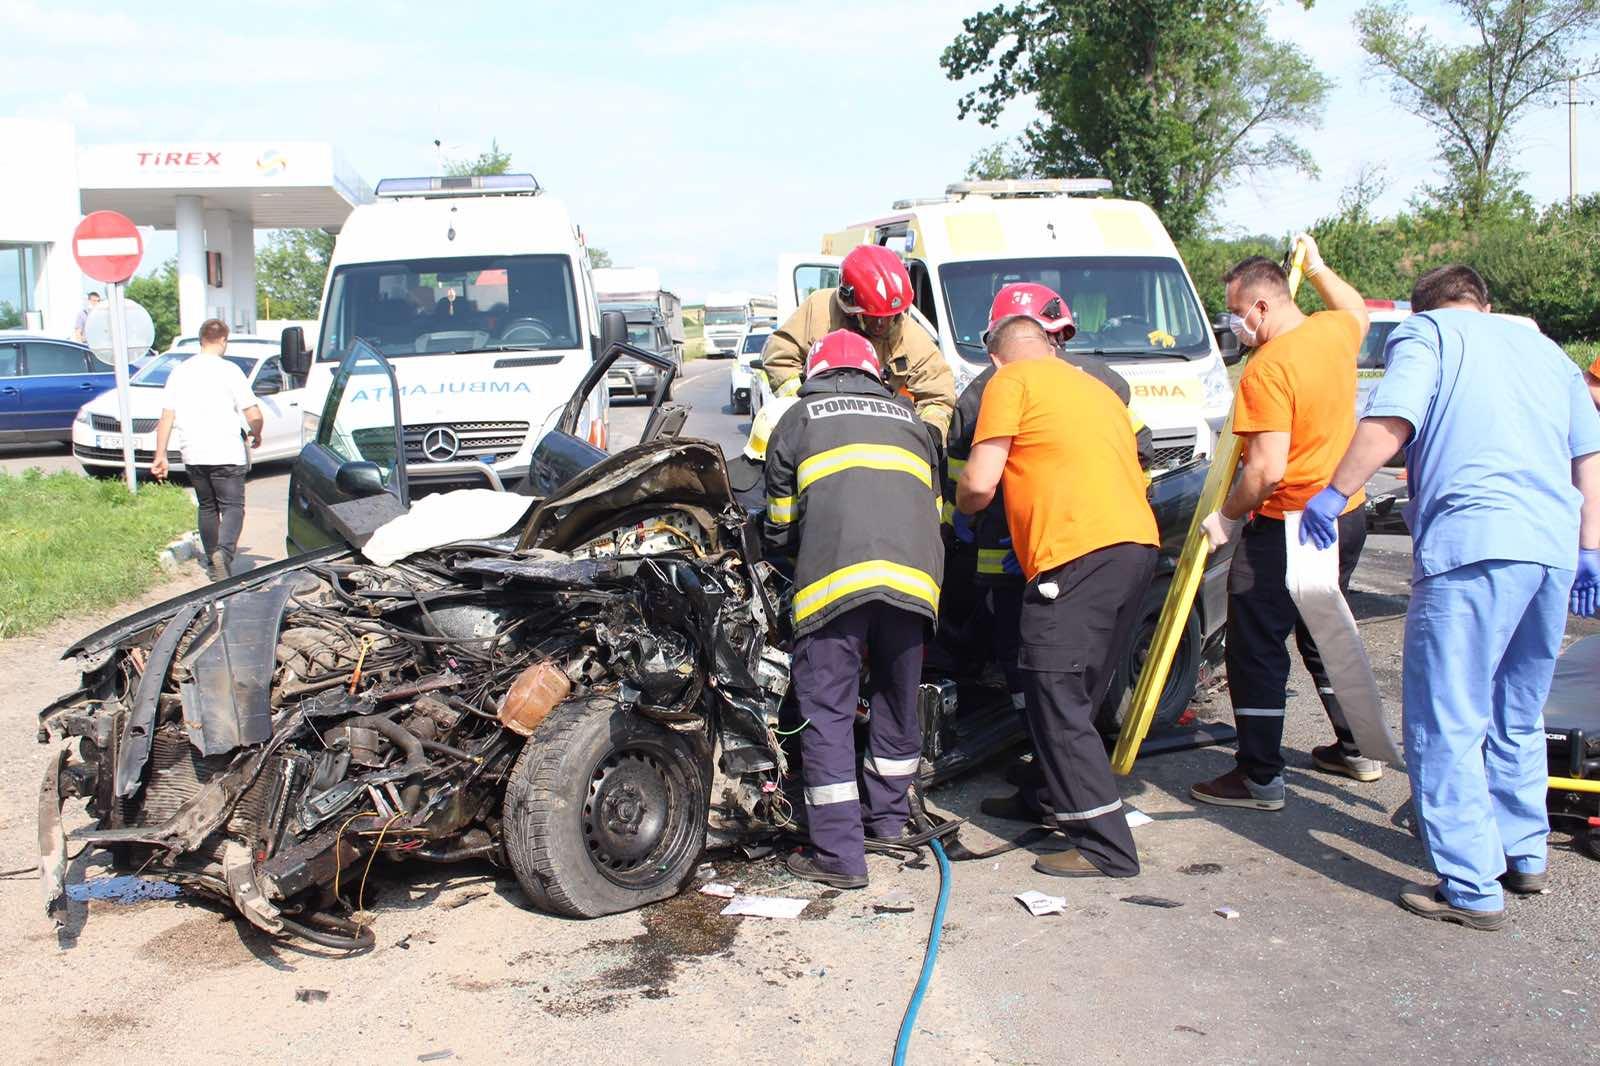 Вблизи Бельц автомобиль столкнулся сгрузовиком. Есть пострадавшие (ФОТО)